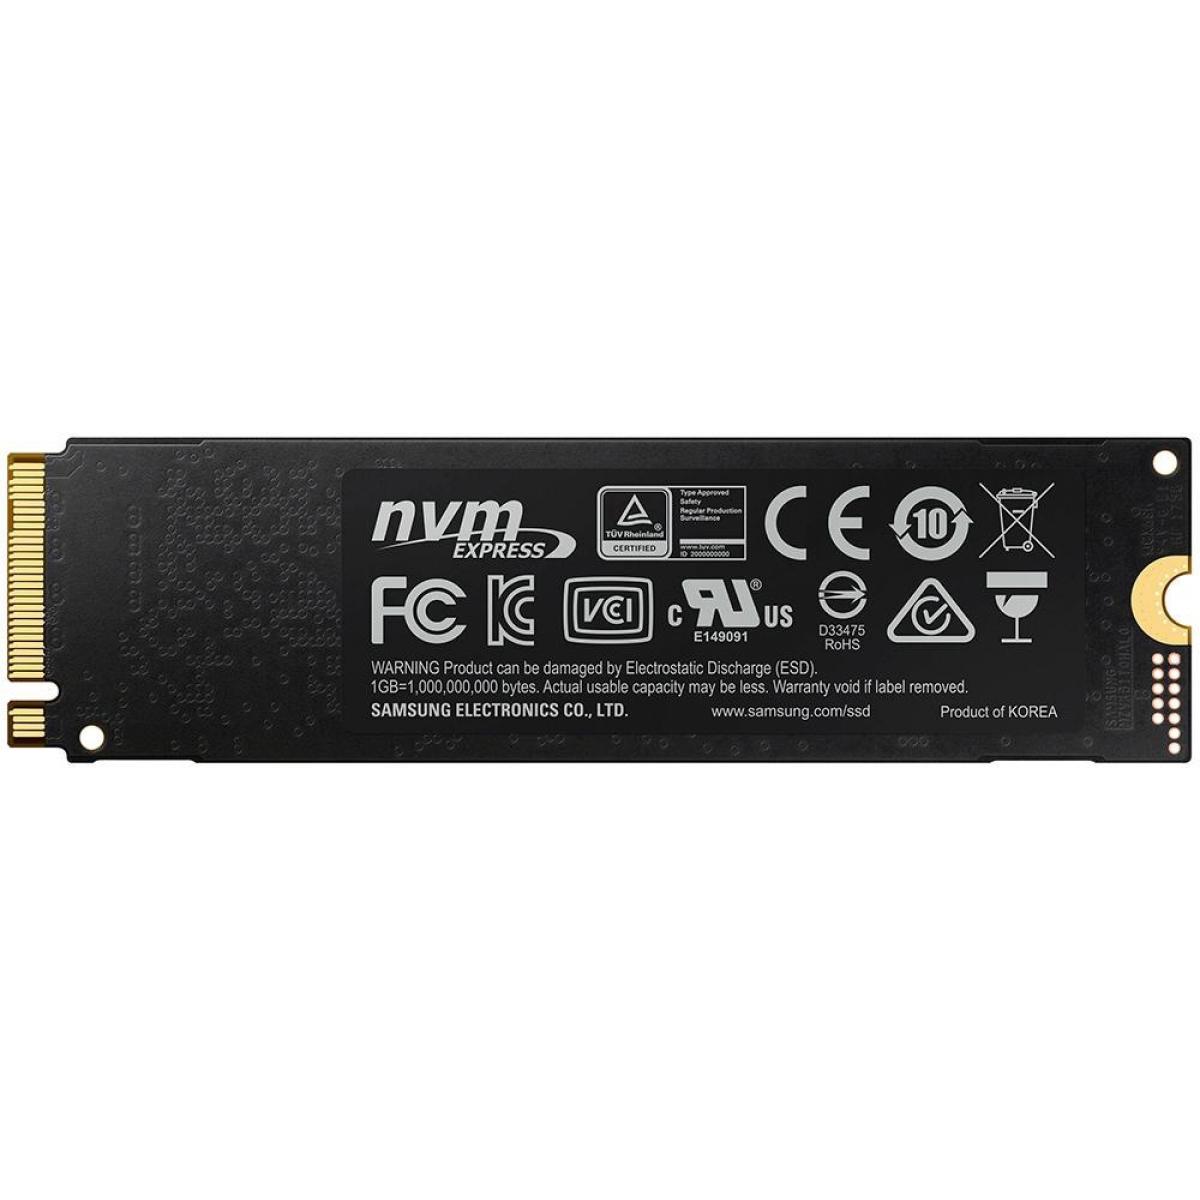 SSD Samsung 970 EVO Plus, 250GB, M.2 2280, NVMe, Leitura 3500MBs e Gravação 2300MBs, MZ-V7S250B/AM